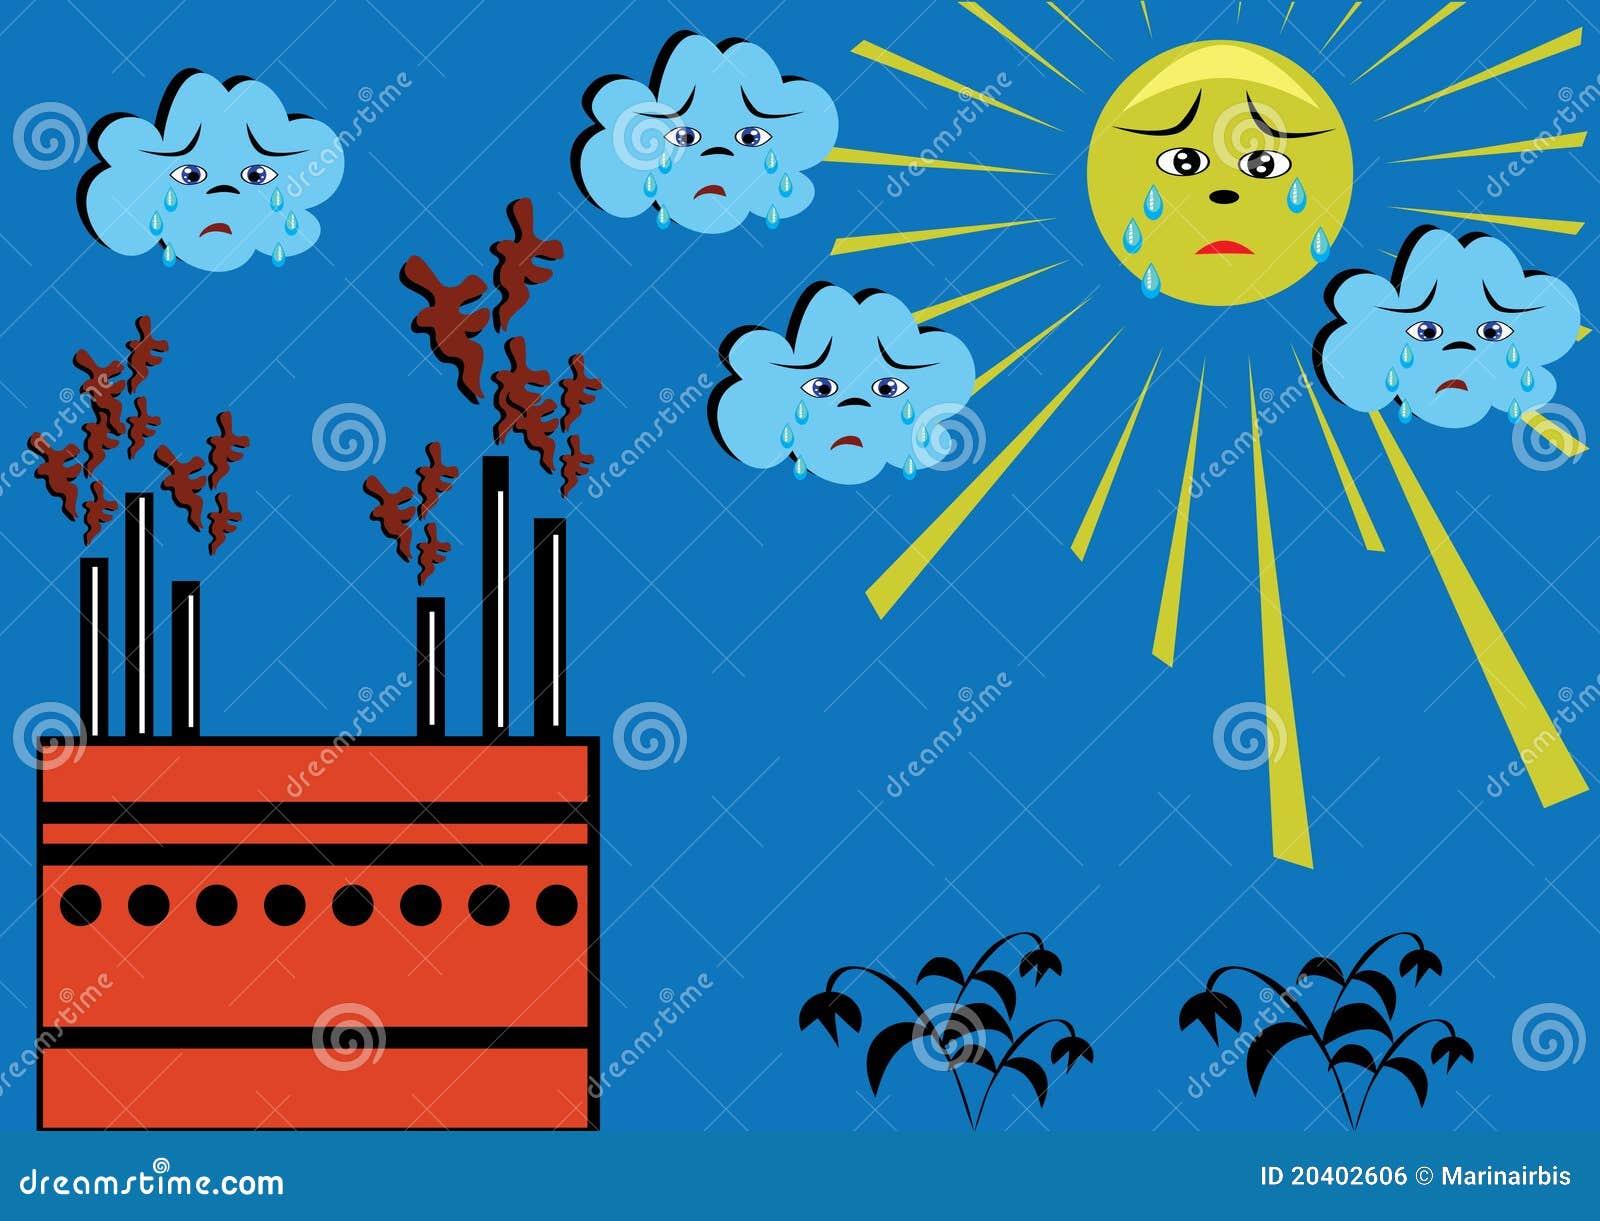 Wallpaper Alusivo Al Medio Ambiente | apexwallpapers.com